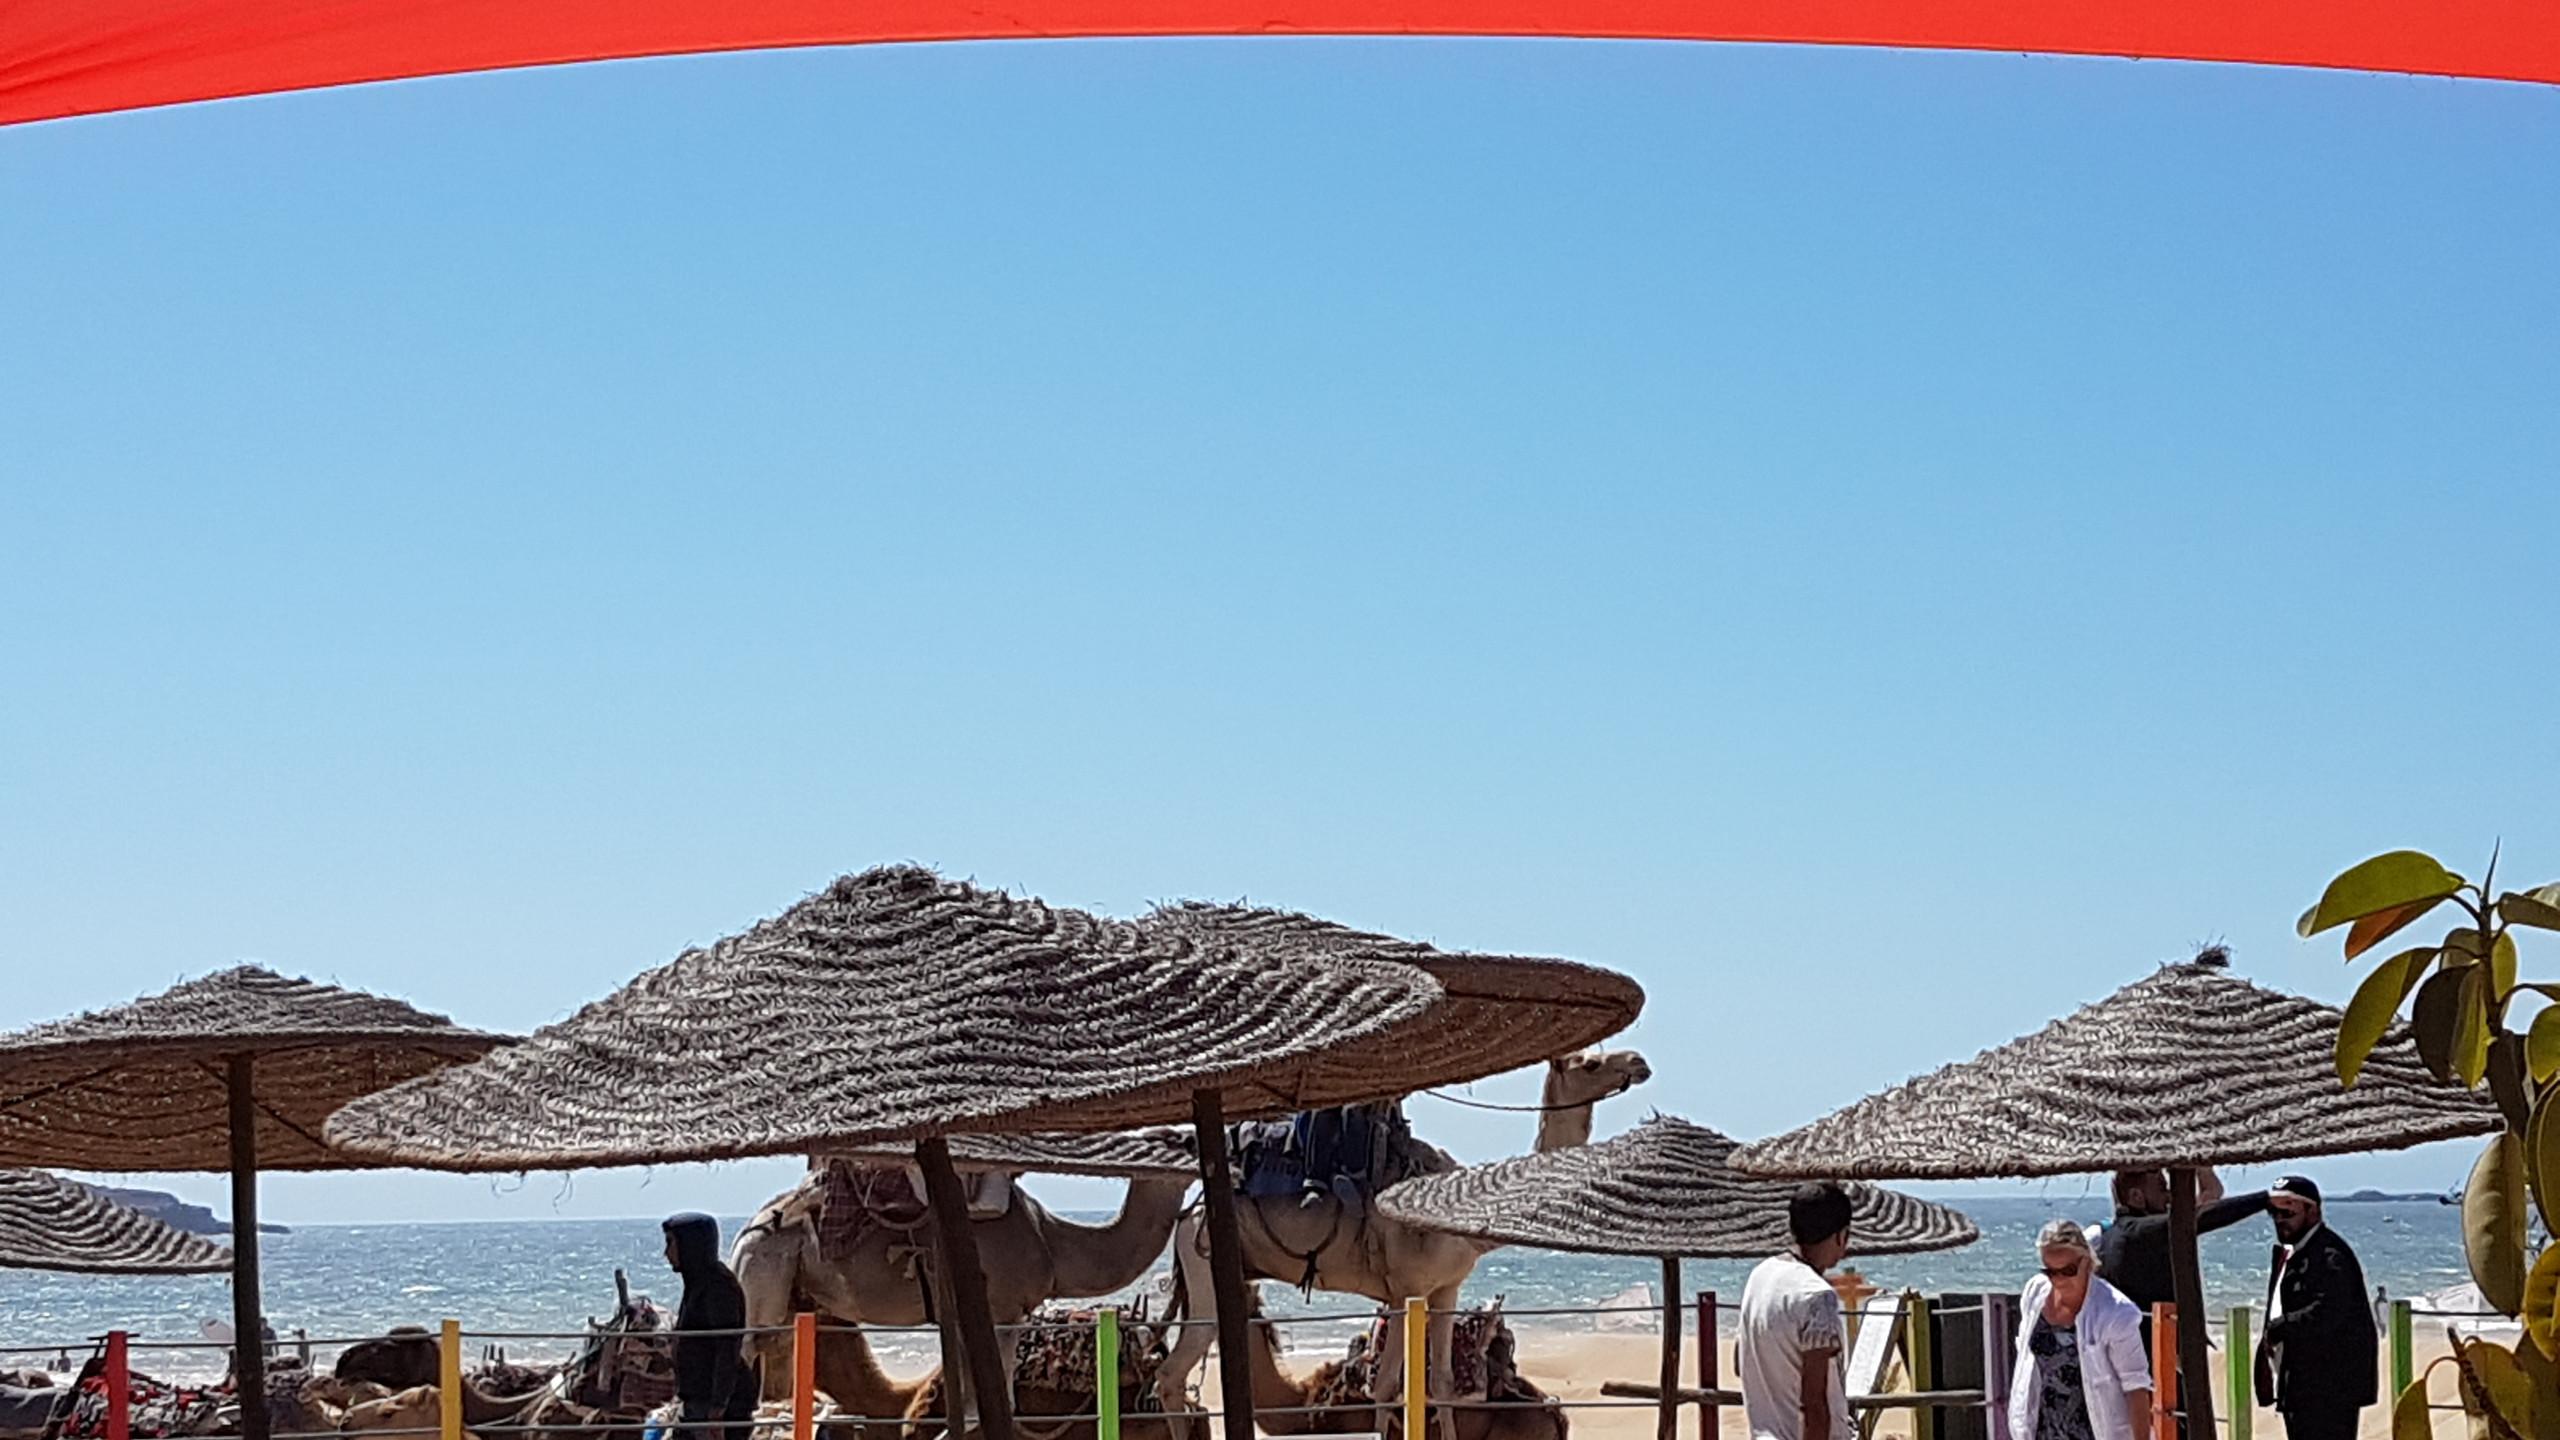 Séjour adapté Maroc juillet 2018 (5)